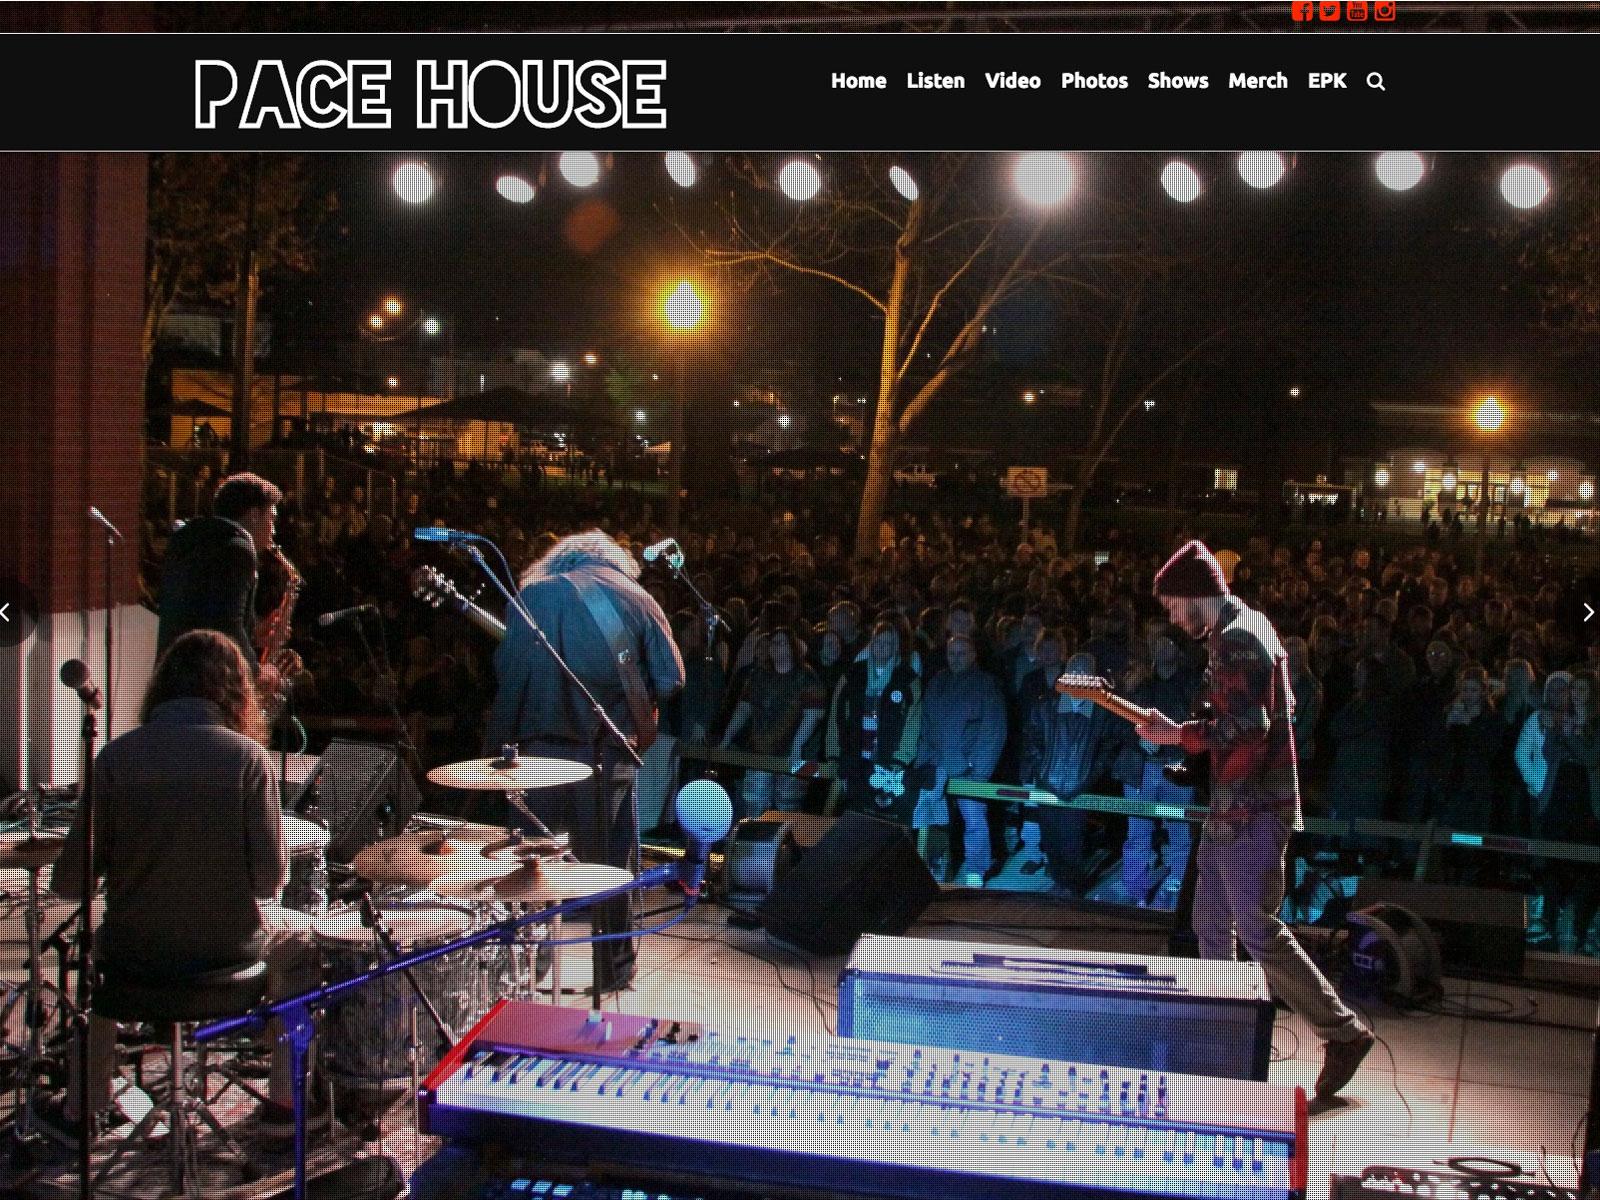 pacehouseband.com